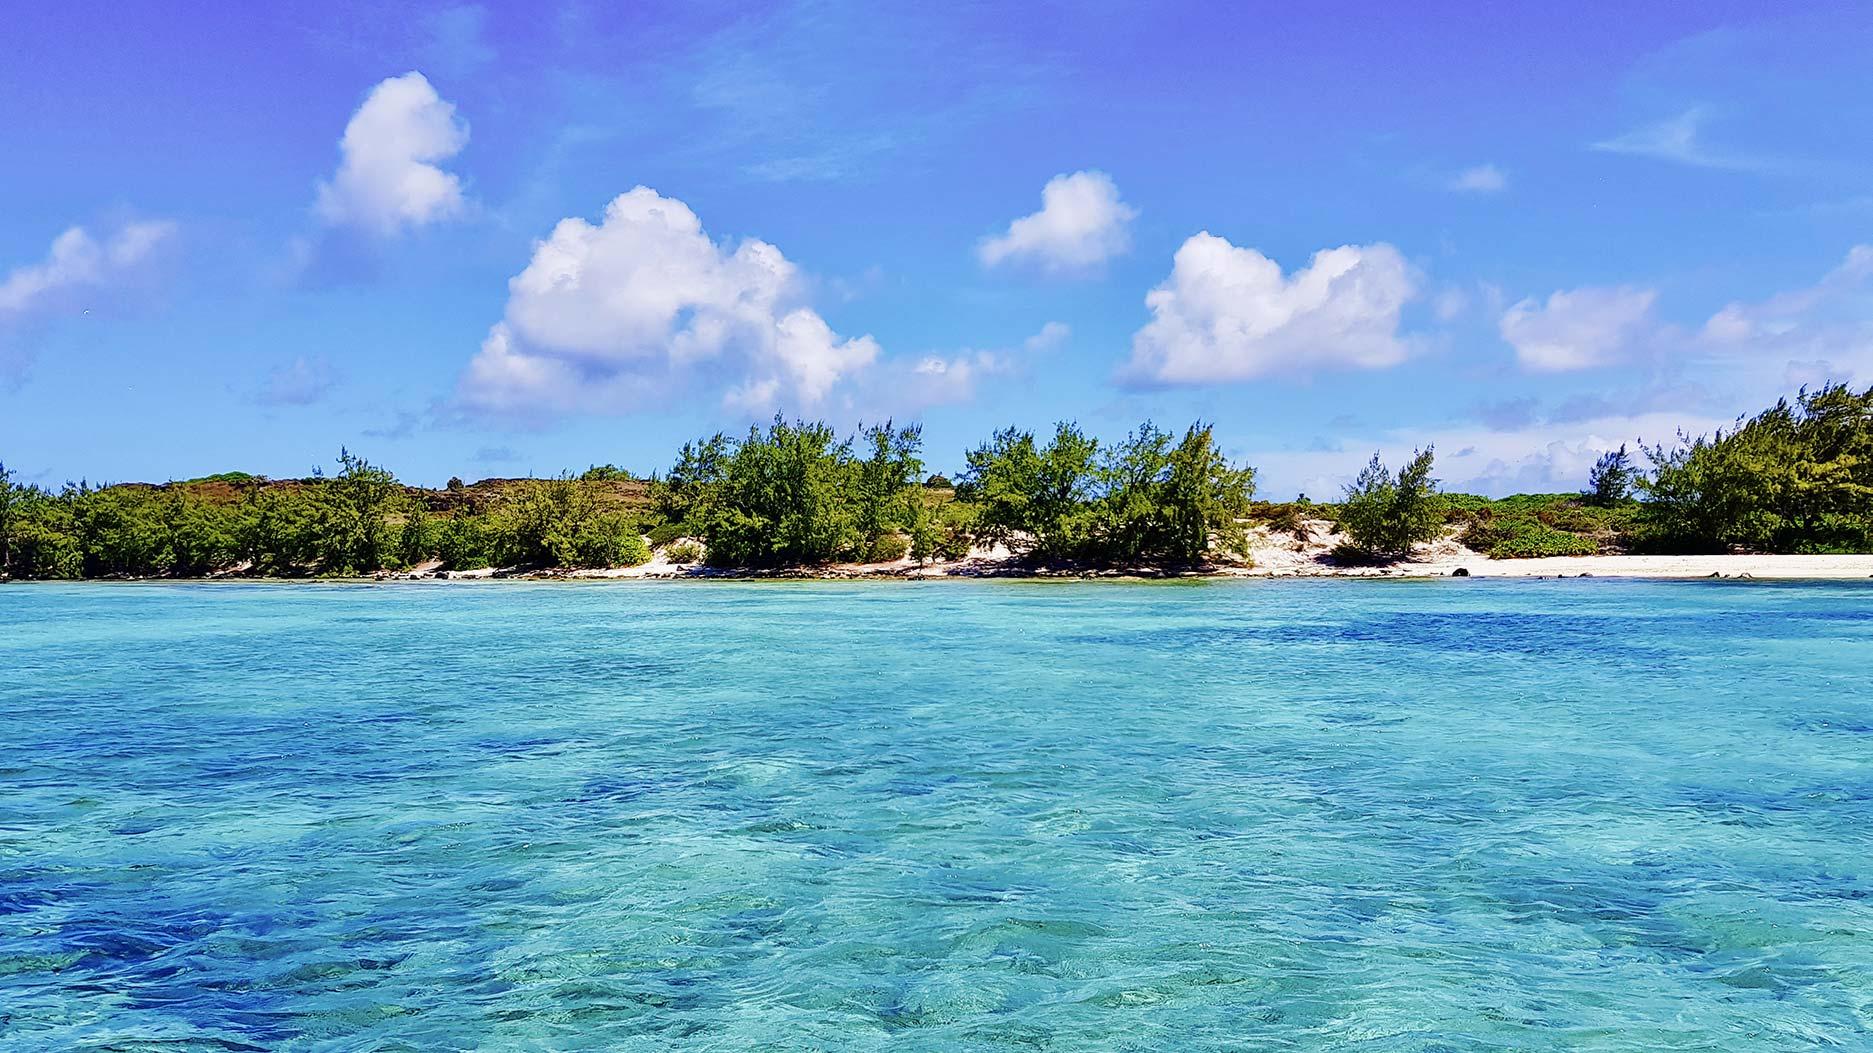 eau transparent à l'ile plate de l'ile maurice